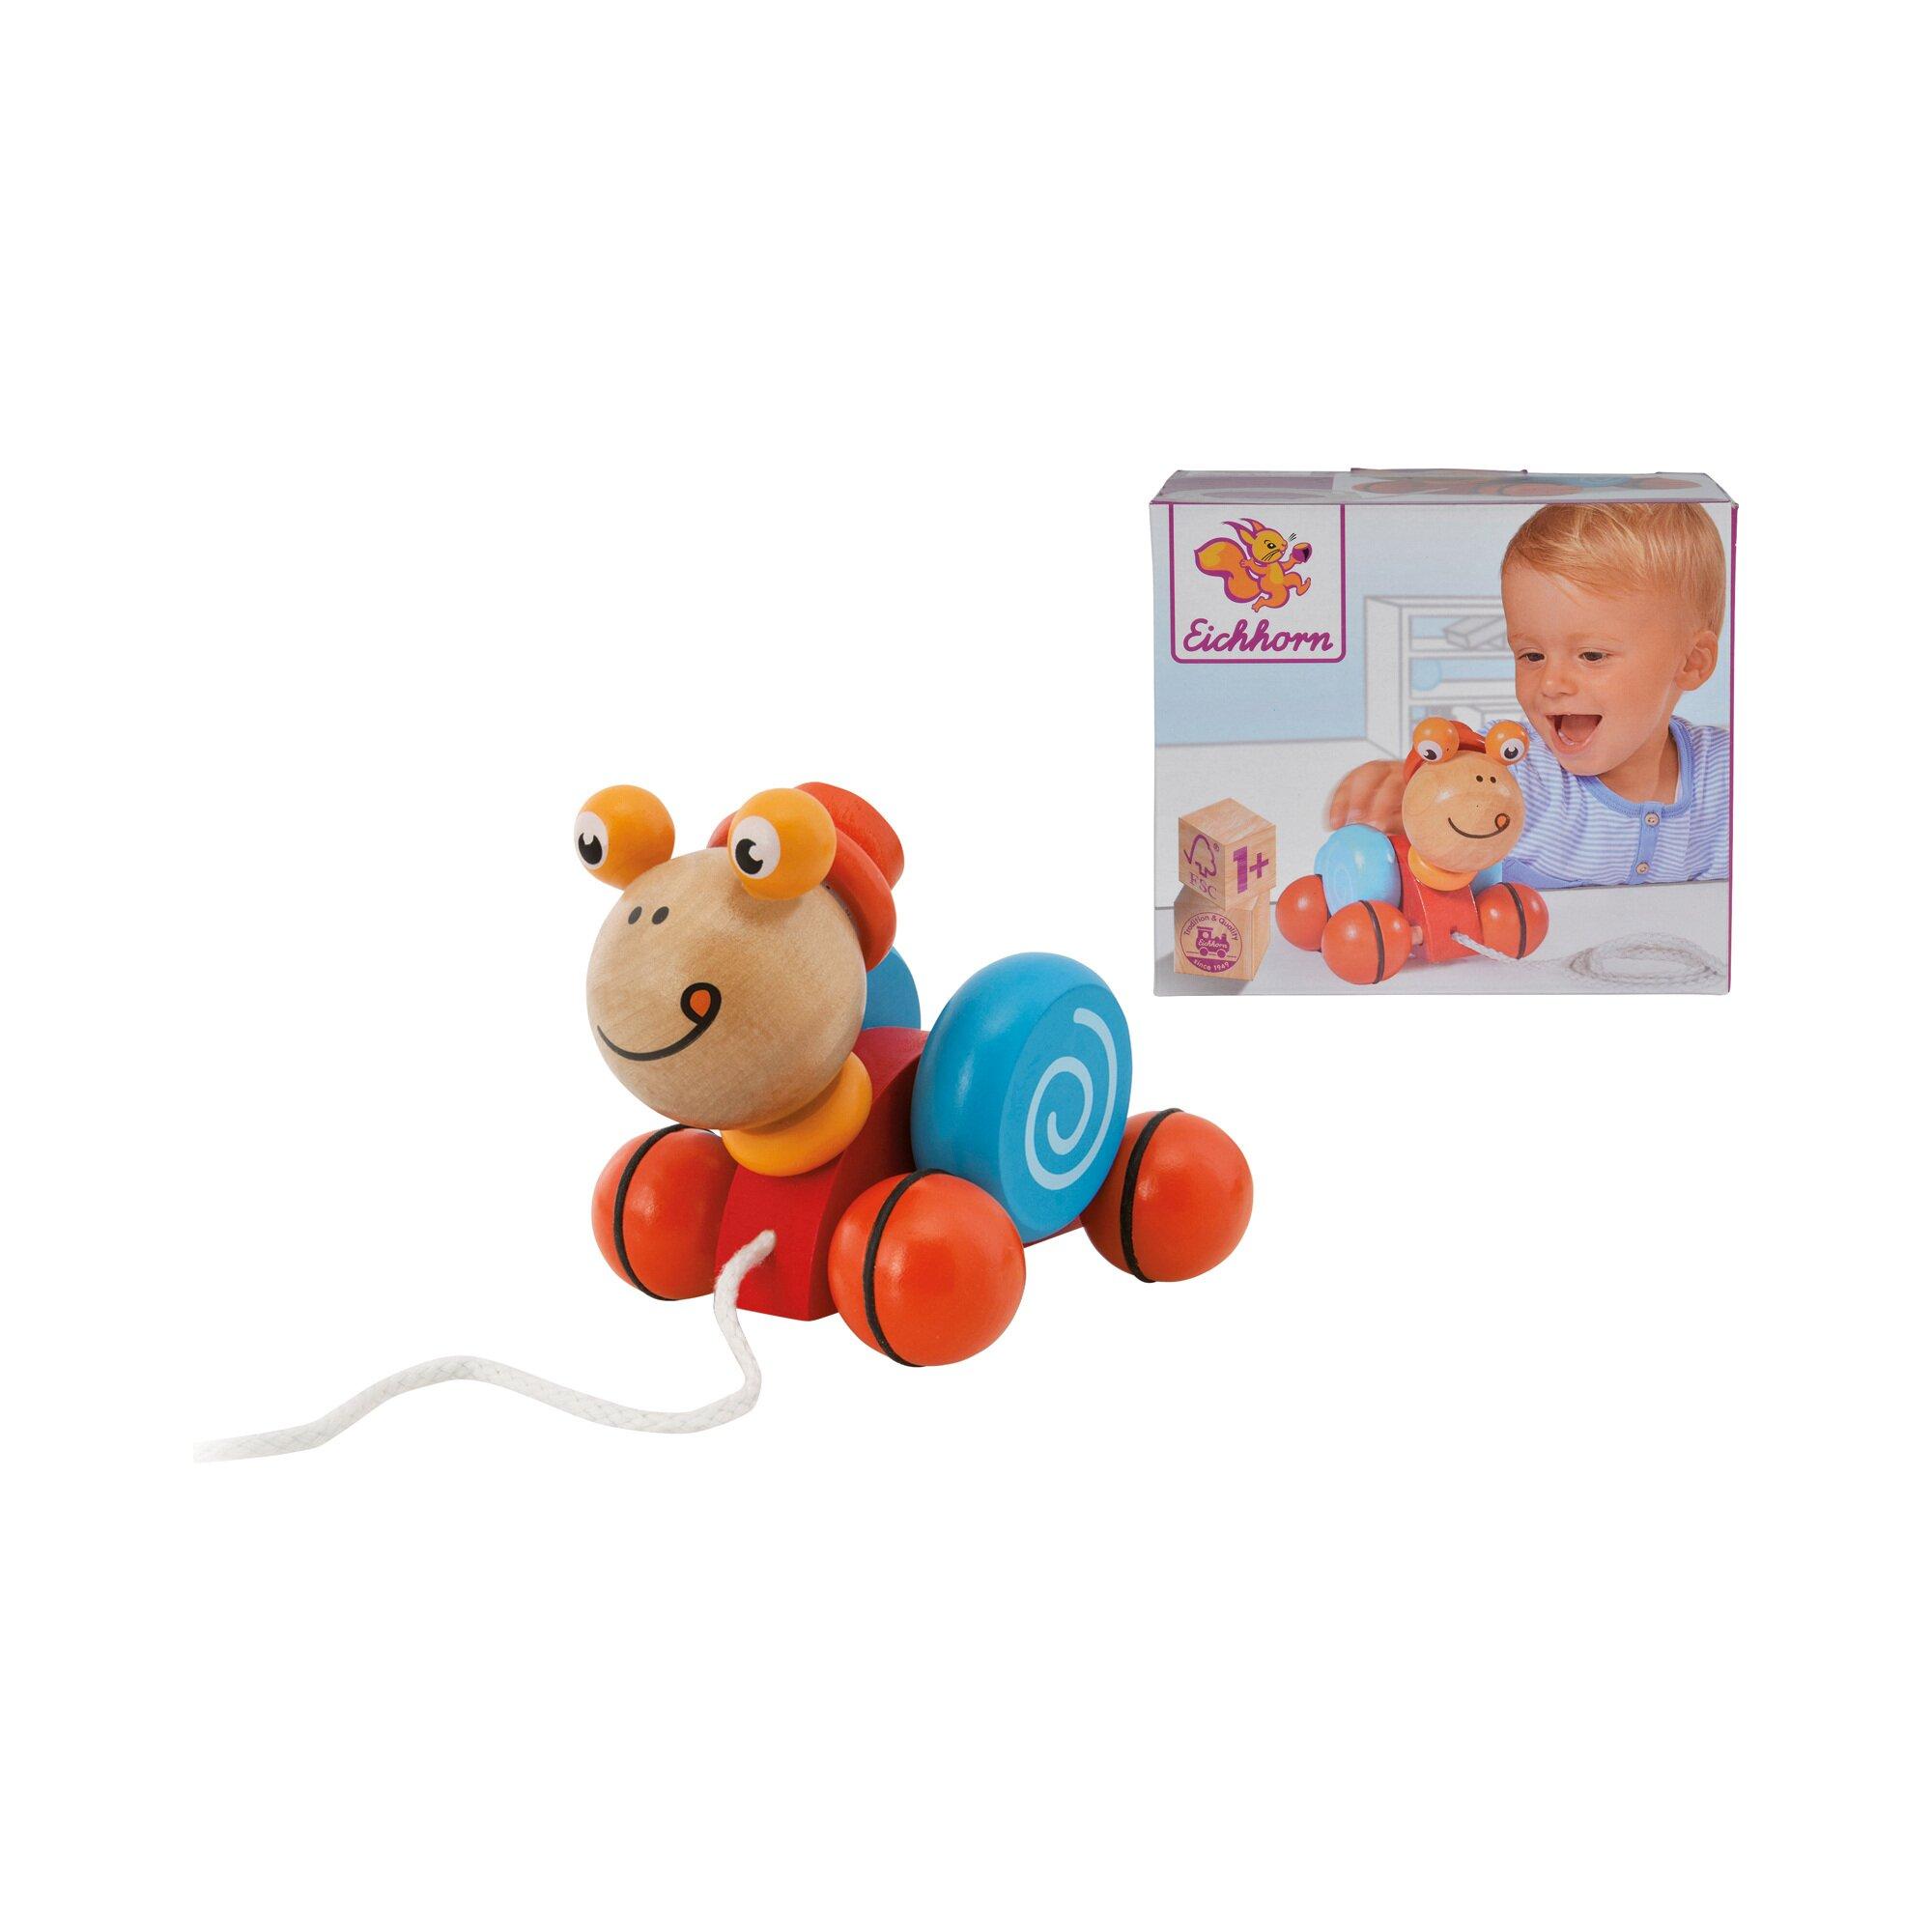 eichhorn-nachziehspielzeug-schnecke